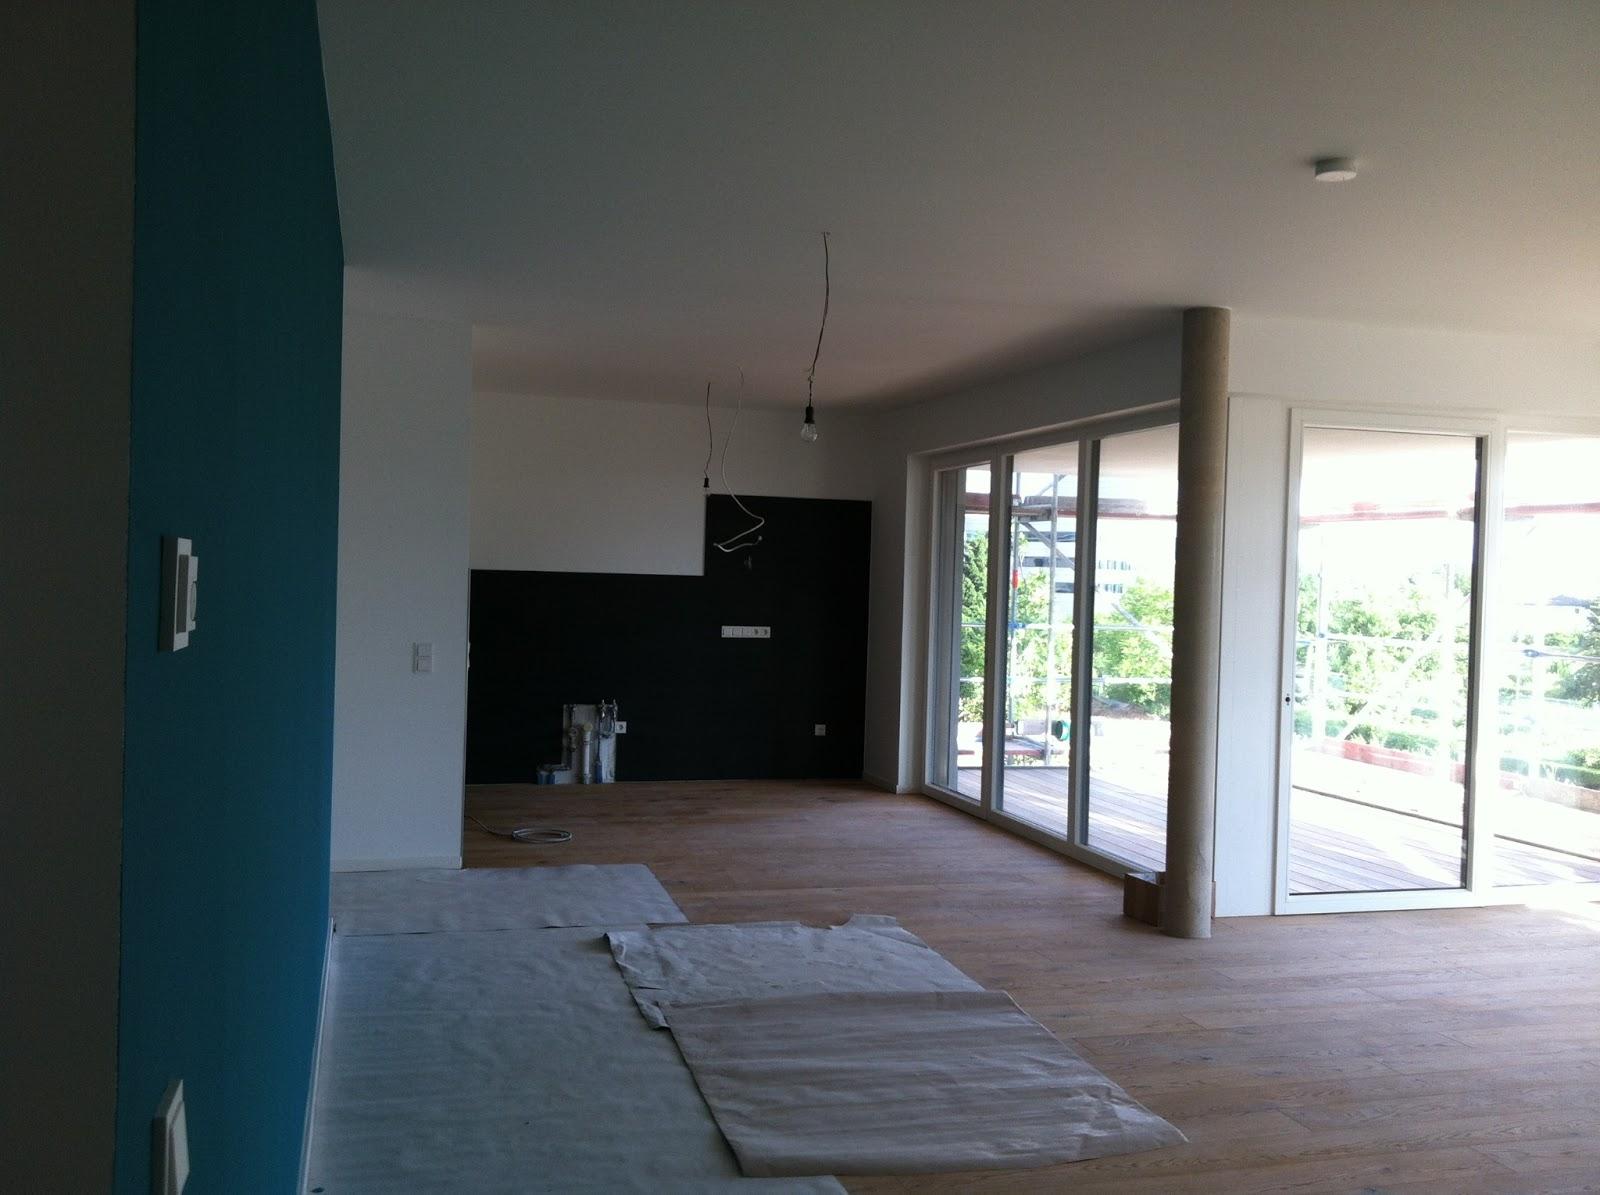 Blogghetto casa aggiornamenti vari for Parete colorata salotto